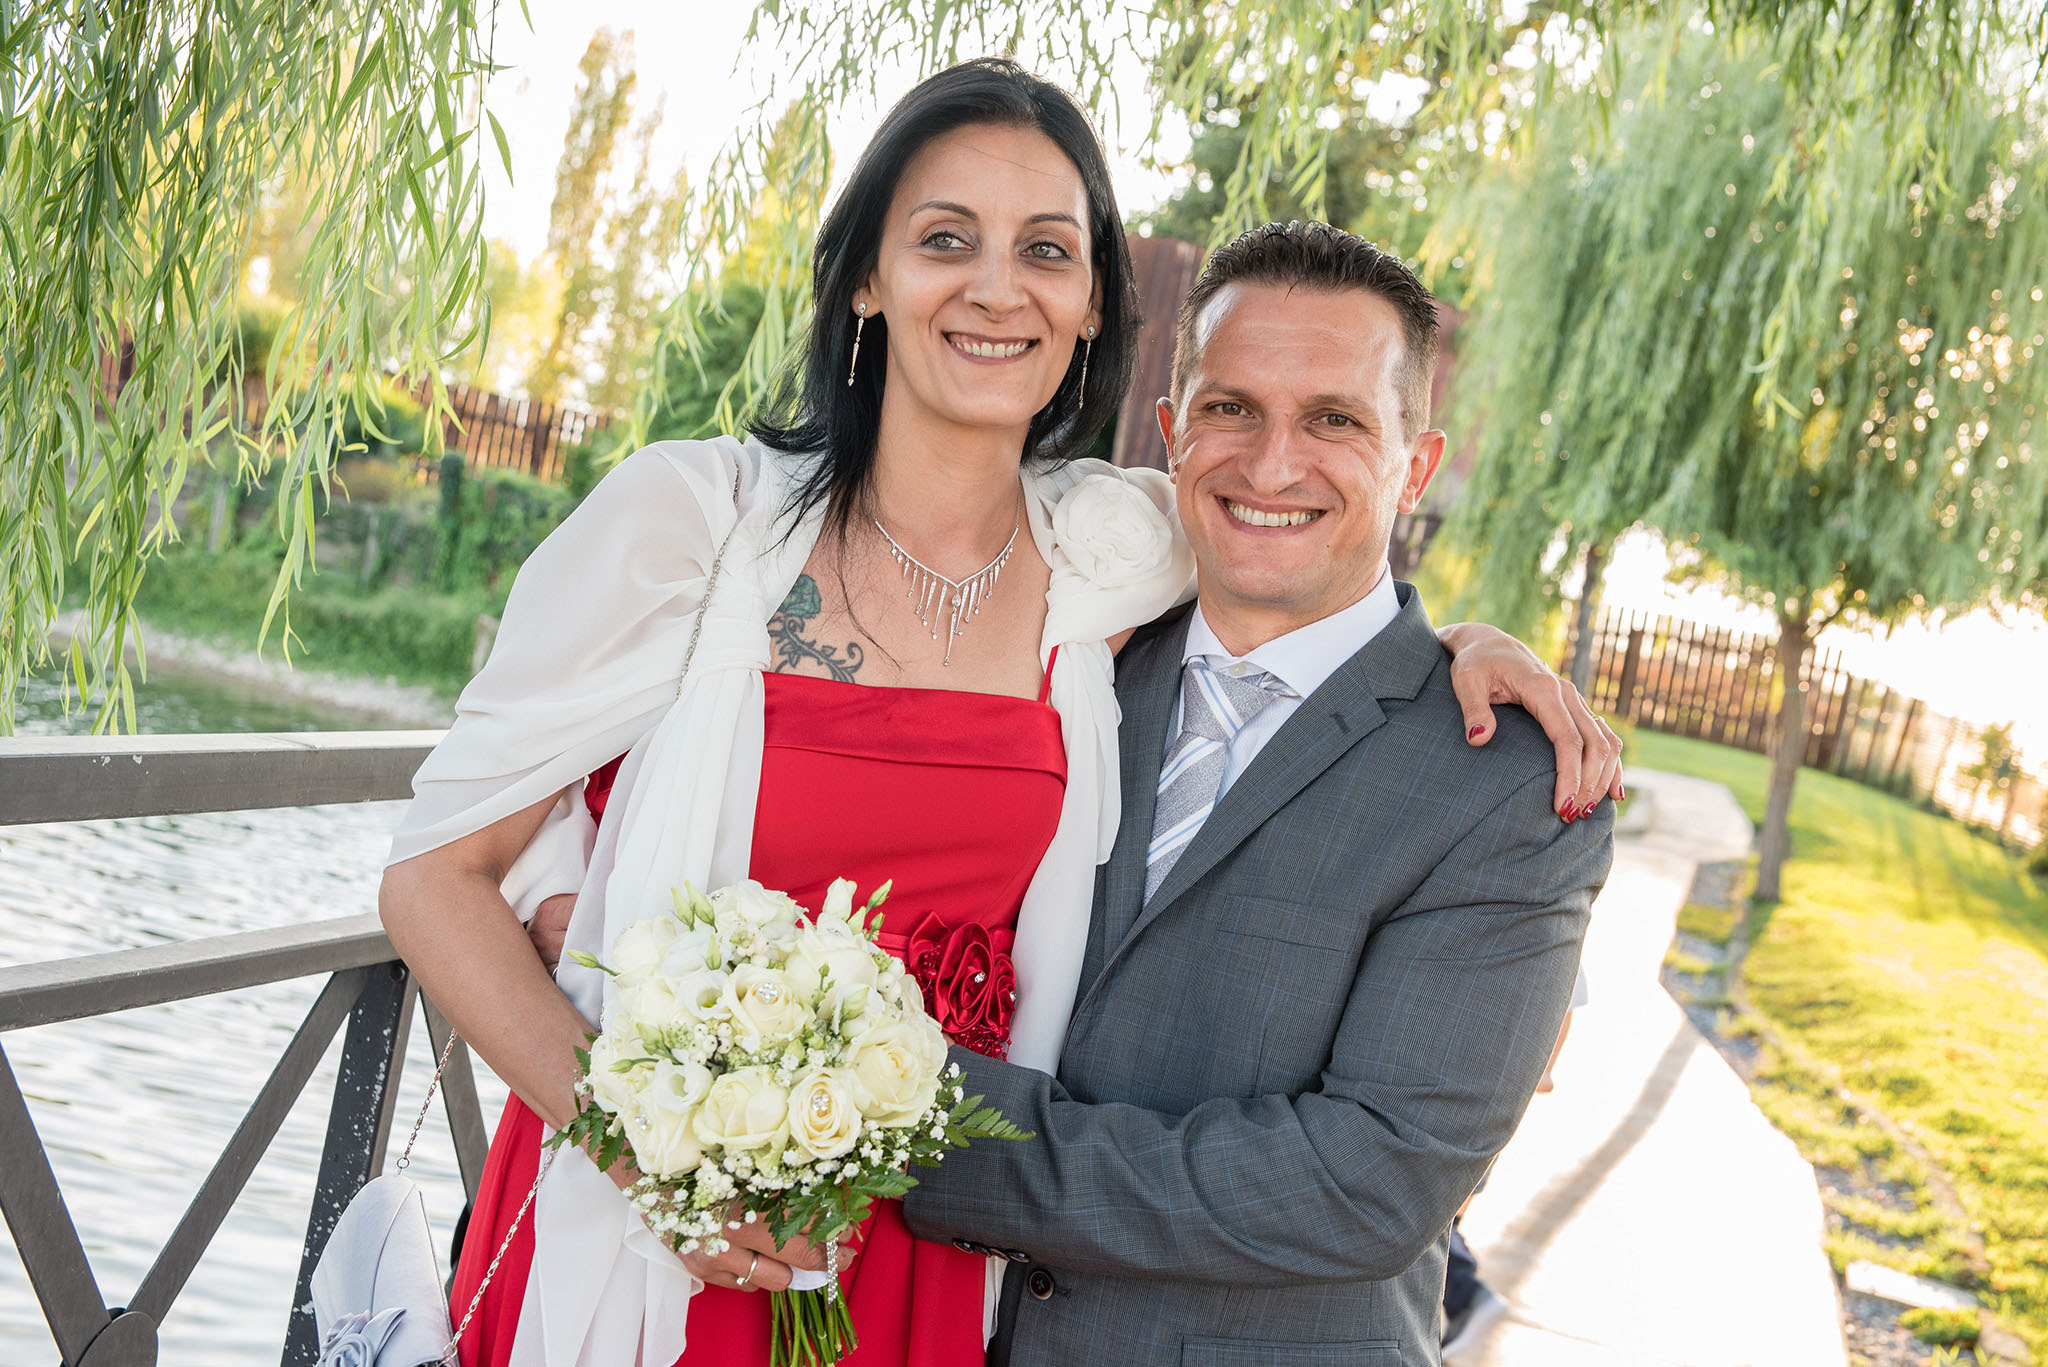 Matrimonio Bra Sonia Antonio - Wdding Matrimonio Emanuele Tibaldi Fotografo 6 - Fotografo-matrimonio-Cuneo - Fotografo-matrimonio-Cuneo